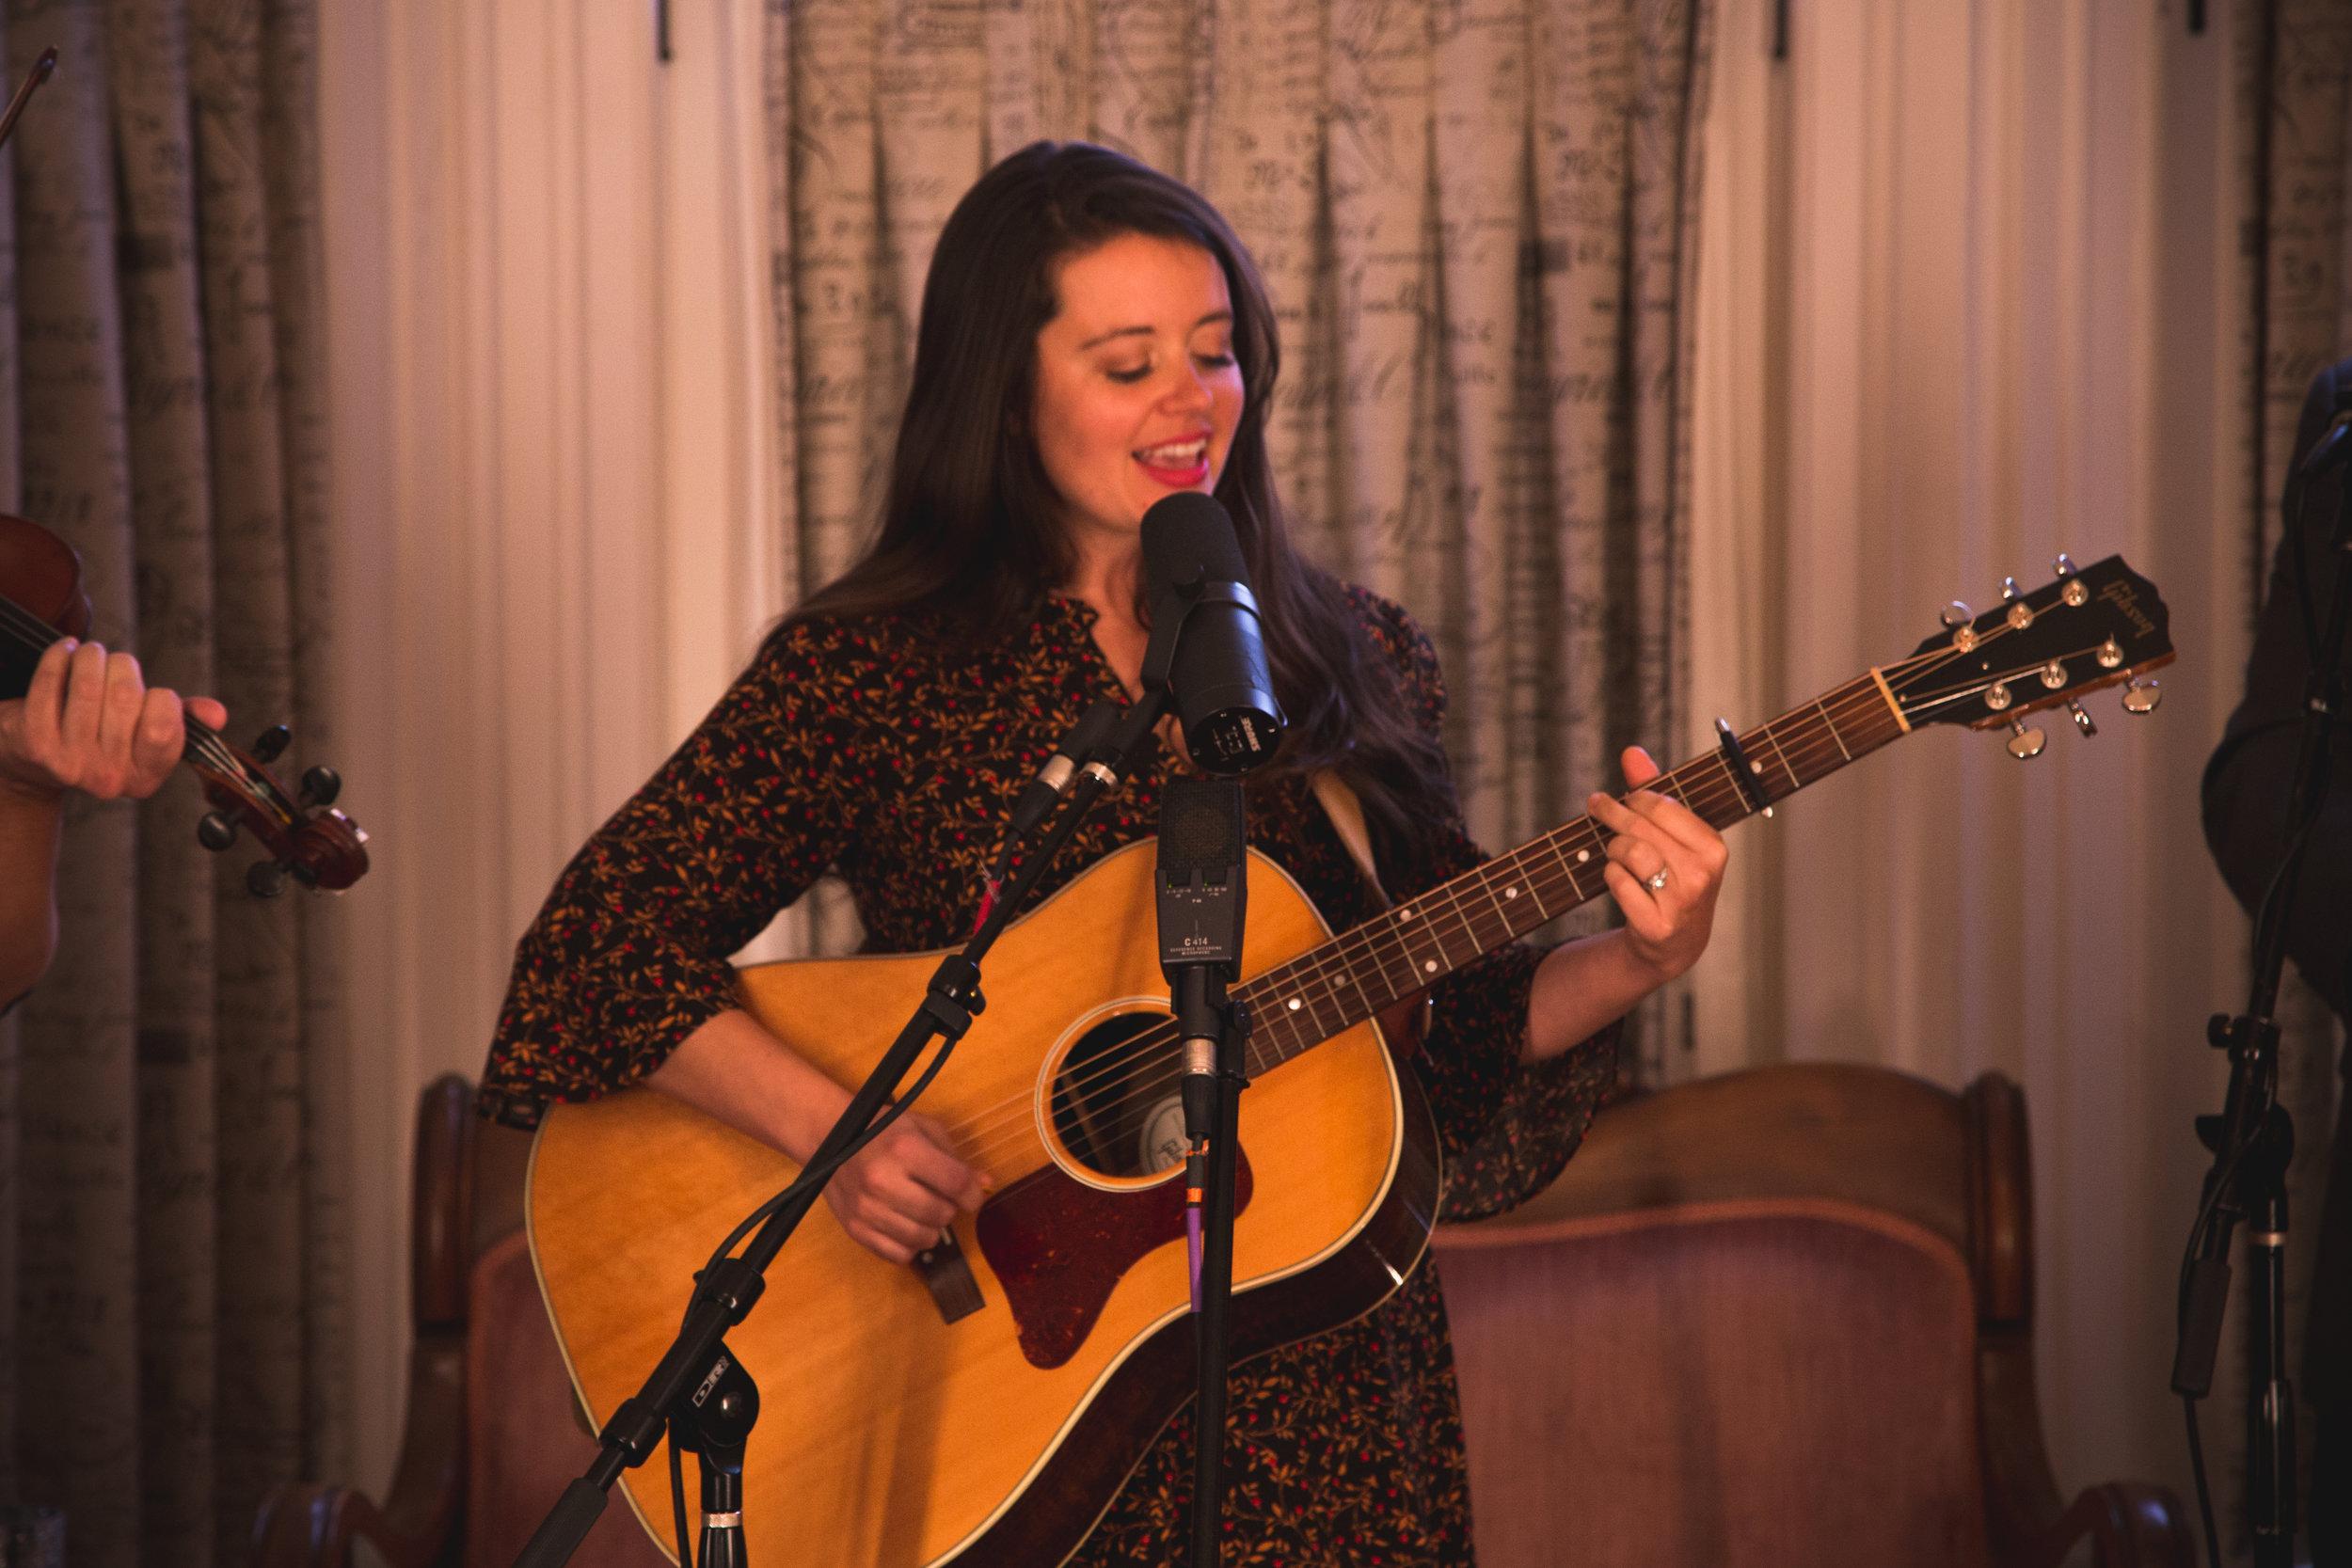 Blair Clark